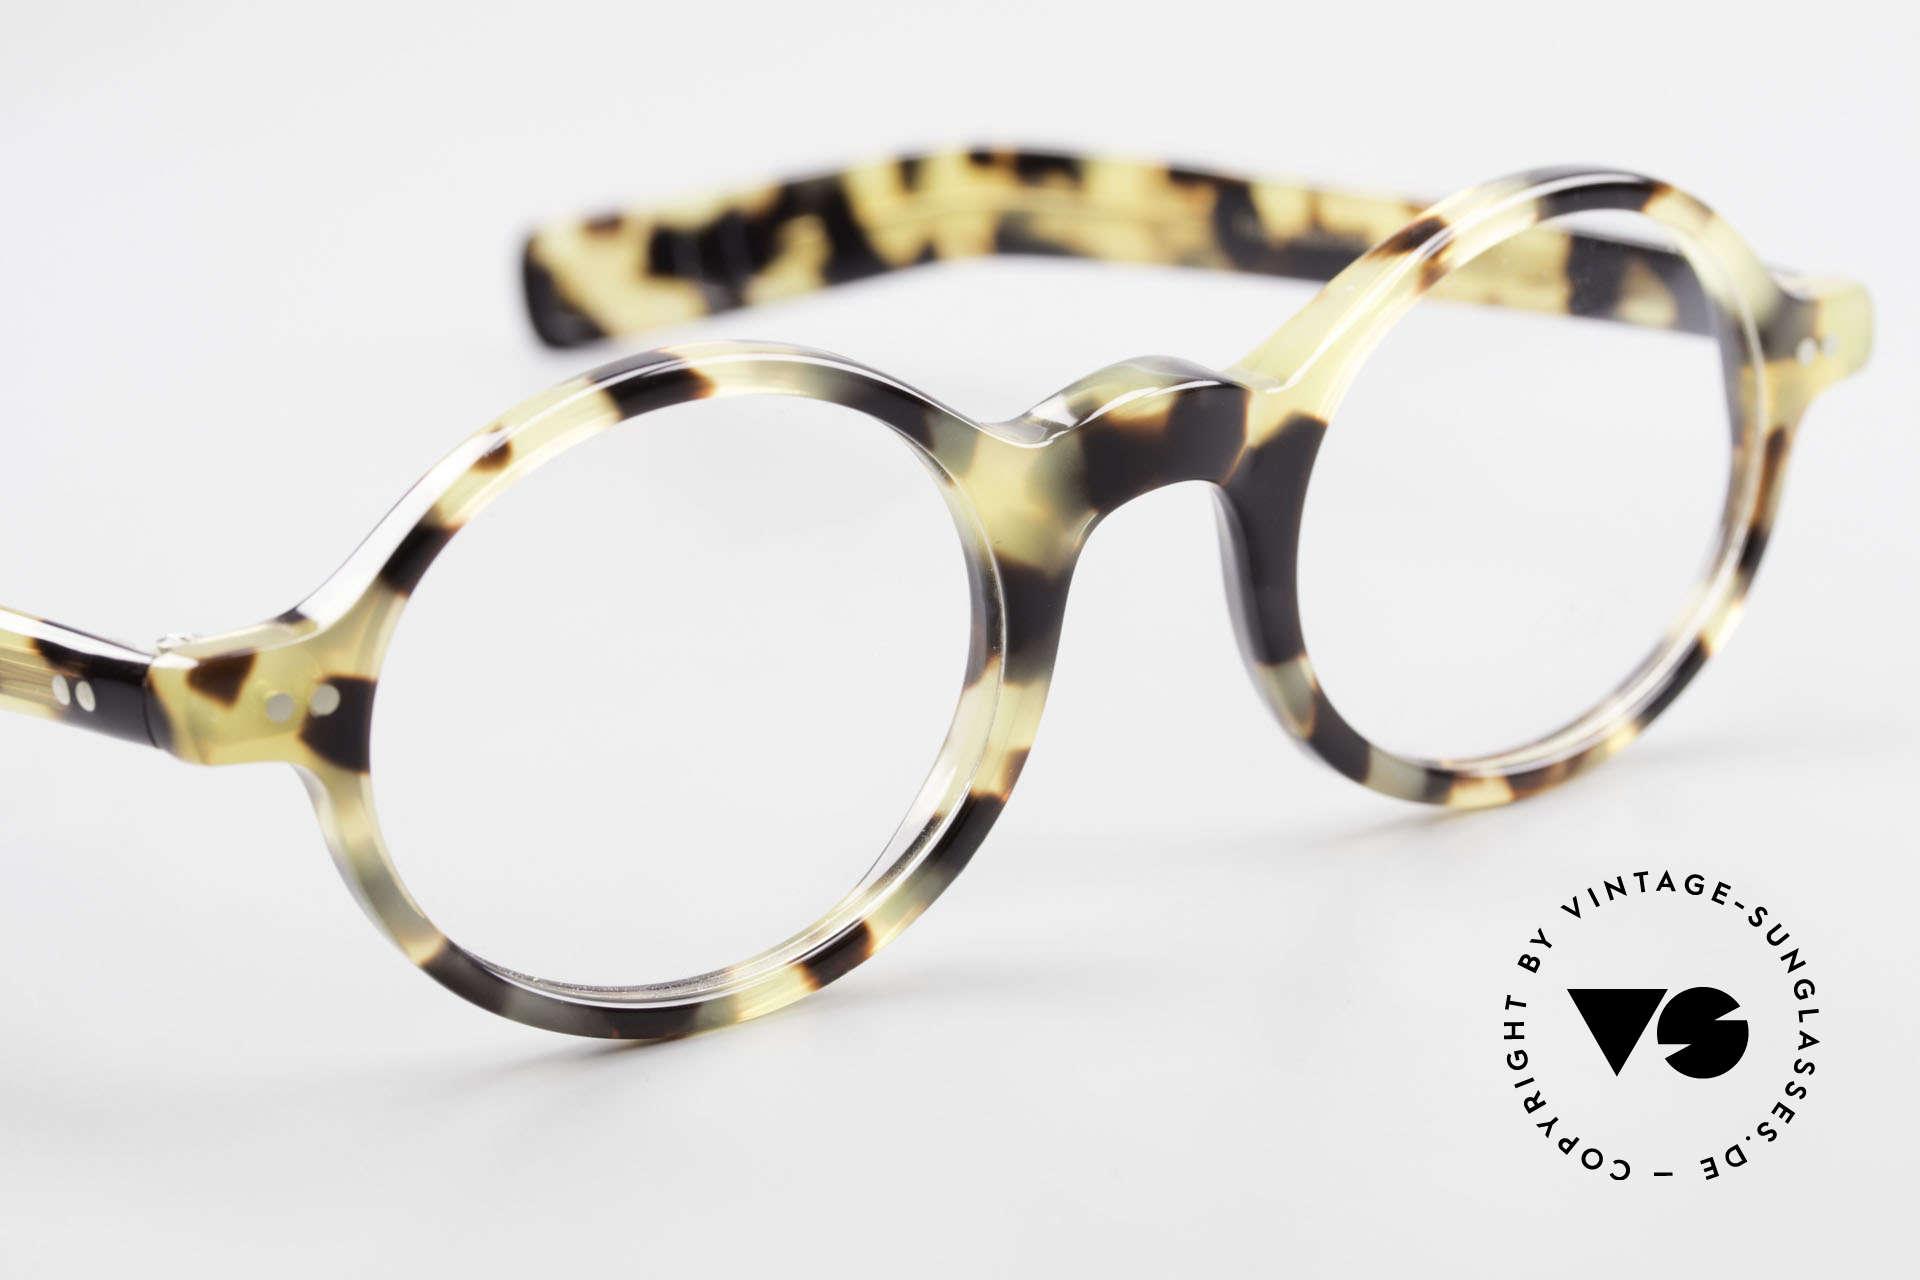 Lunor A52 Ovale Lunor Brille Acetat, Rahmen kann beliebig verglast werden (optisch/Sonne), Passend für Herren und Damen